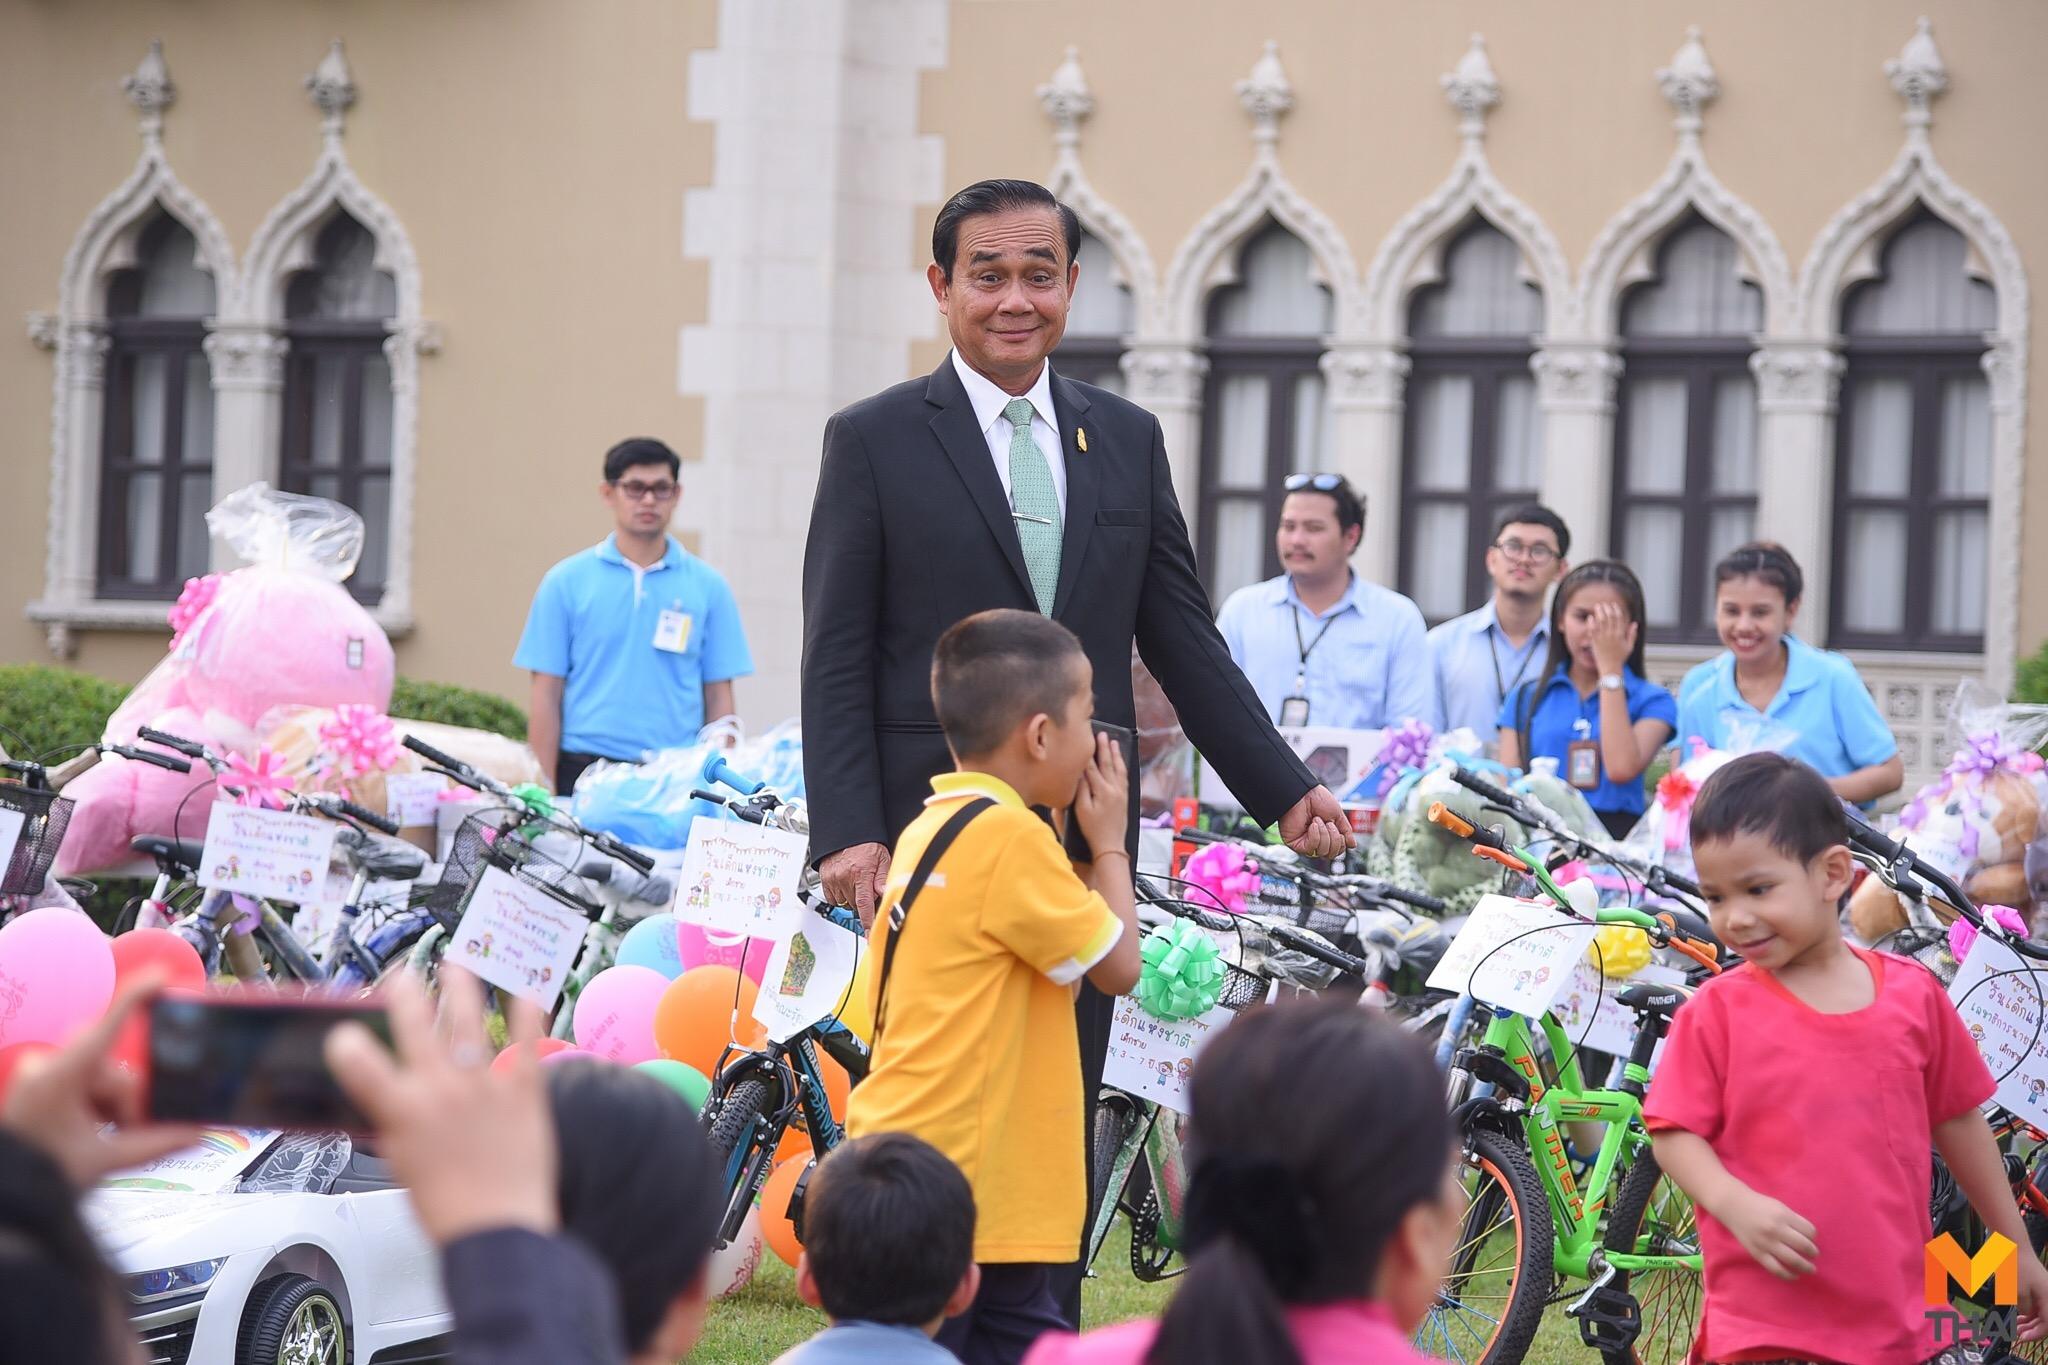 นายกรัฐมนตรี วันเด็กปี 2562